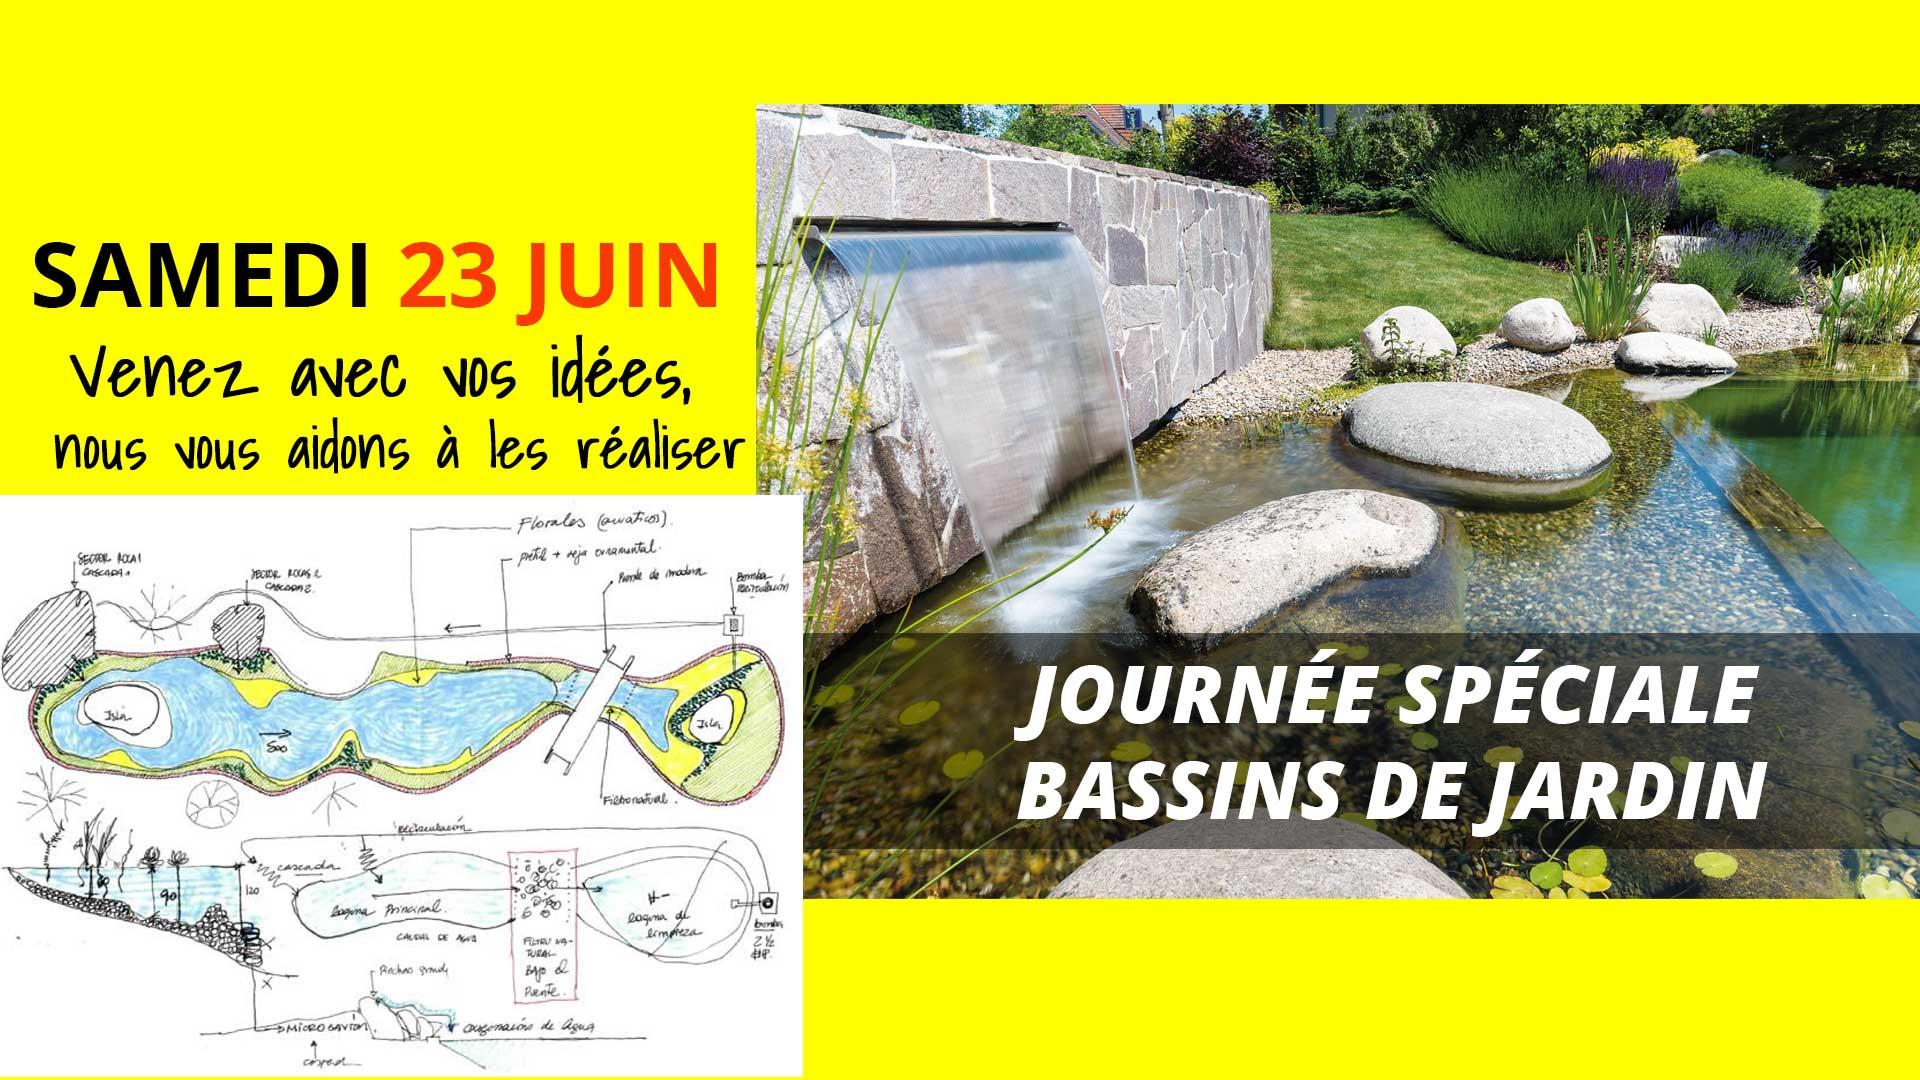 Journée spéciale Bassins de jardin